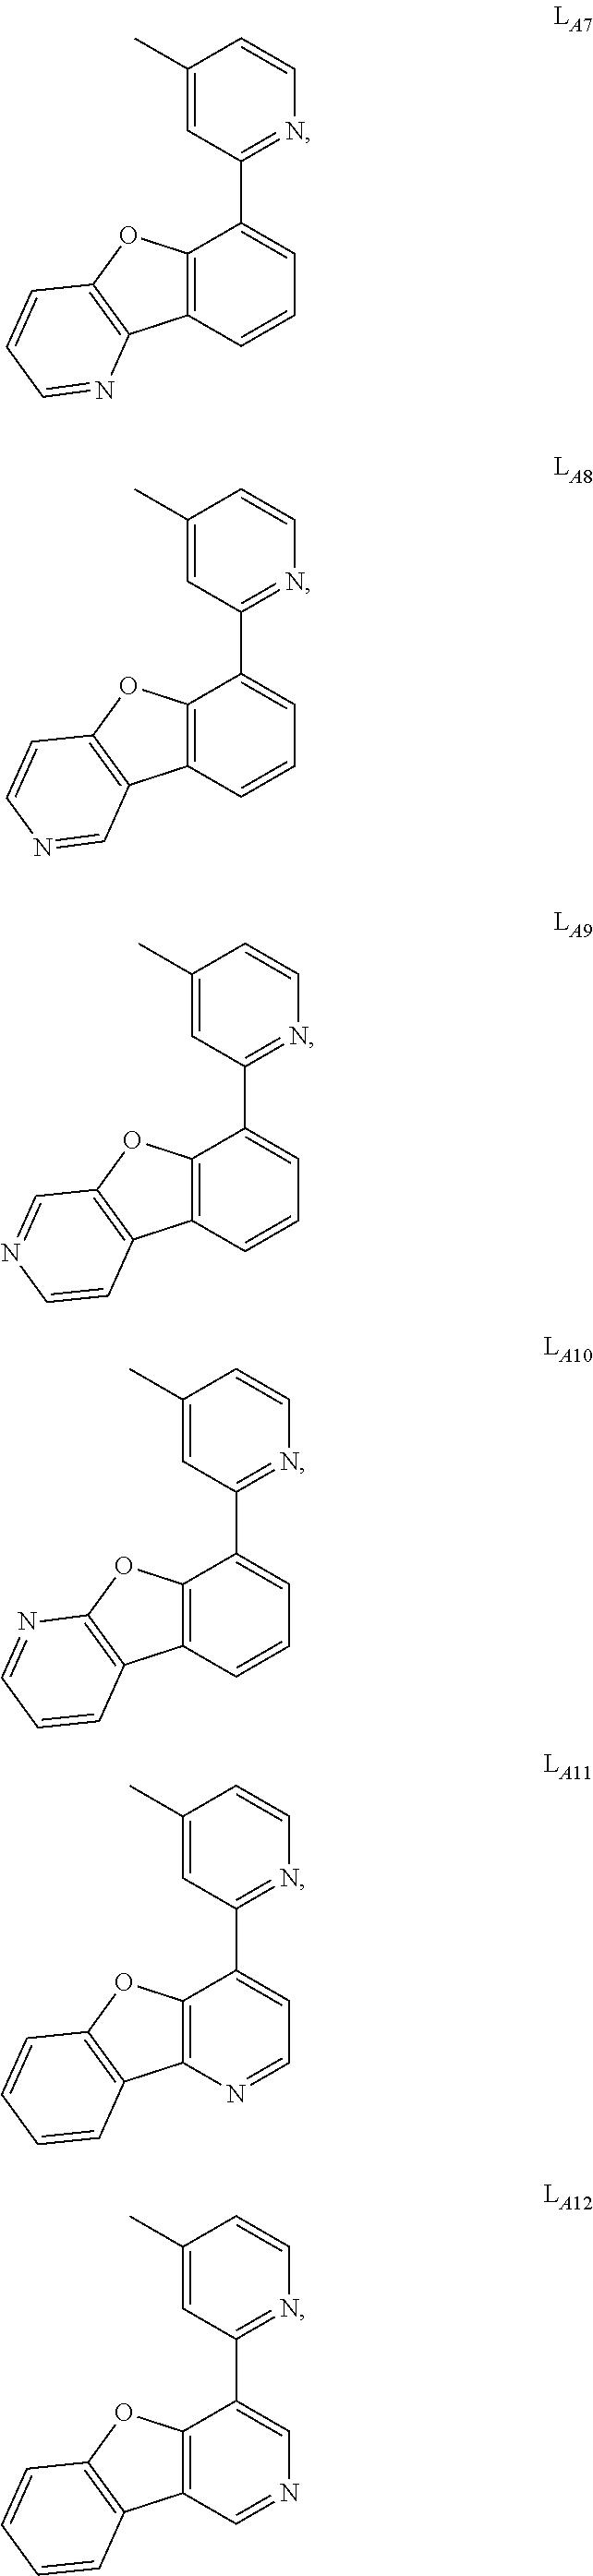 Figure US09634264-20170425-C00006